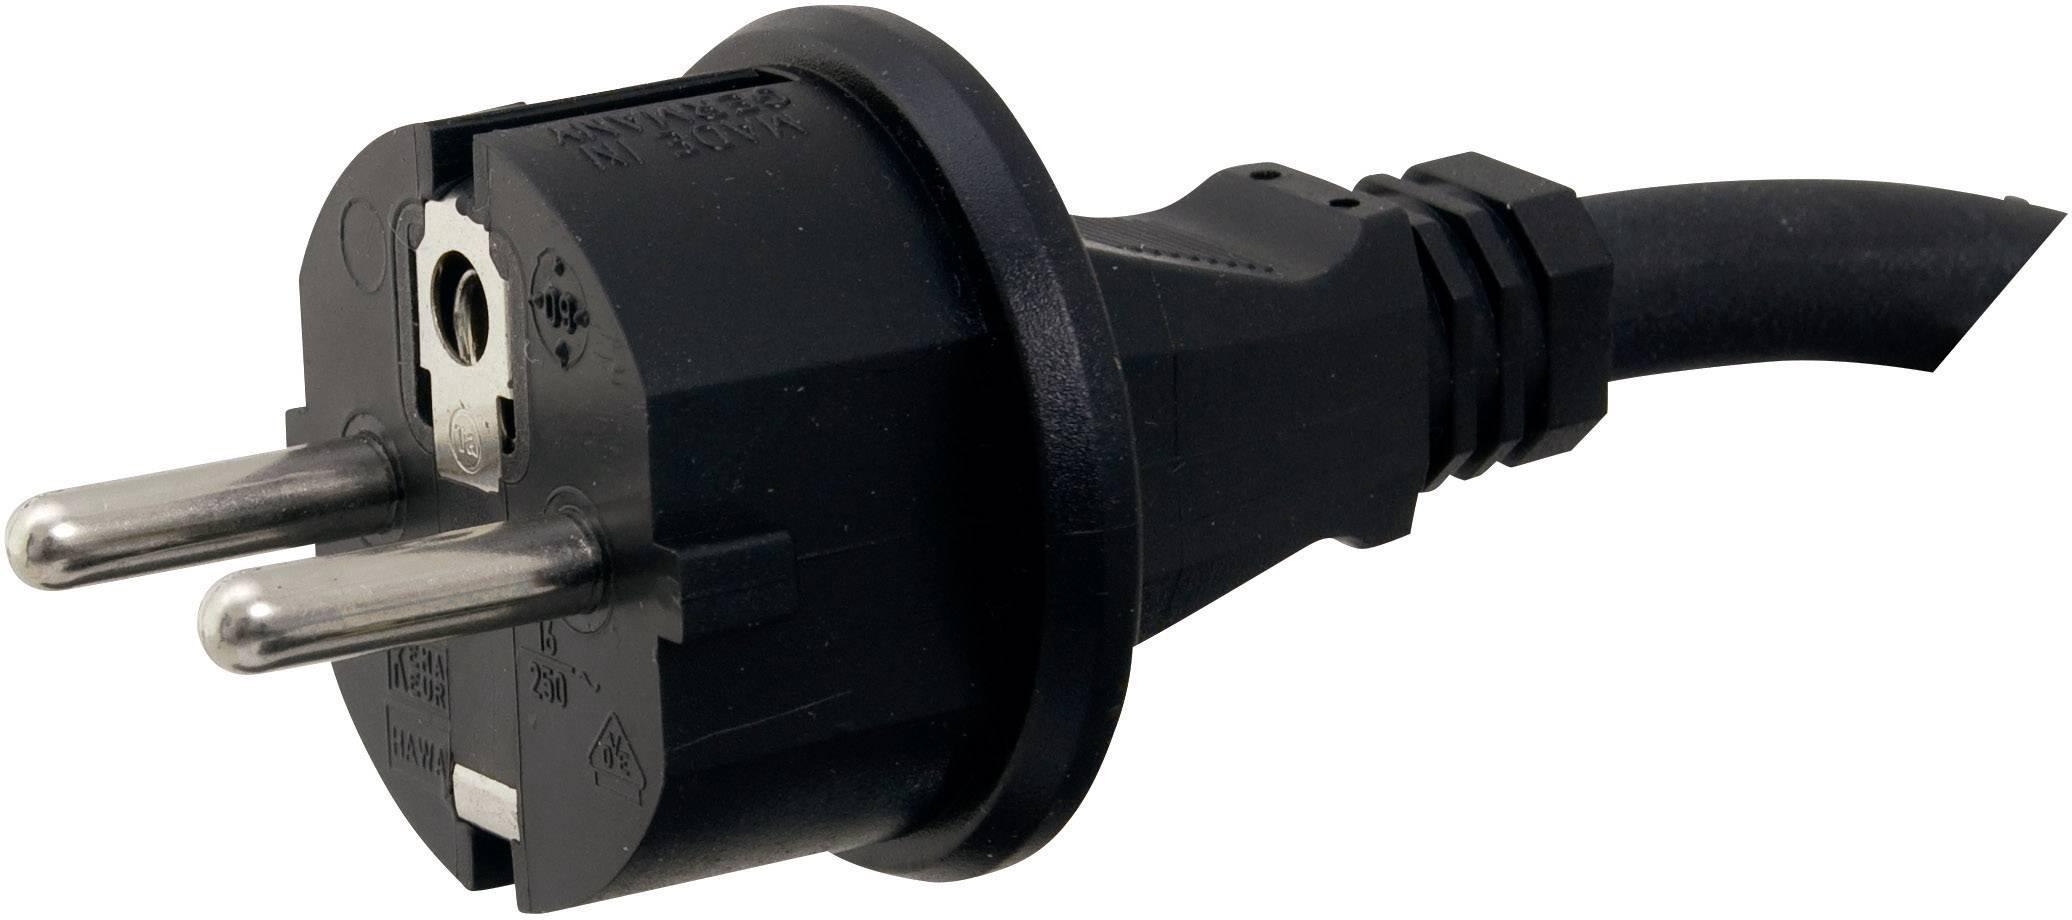 Síťový kabel Hawa, zástrčka/otevřený konec, 1,5 mm², 7 m, černá, 1008261